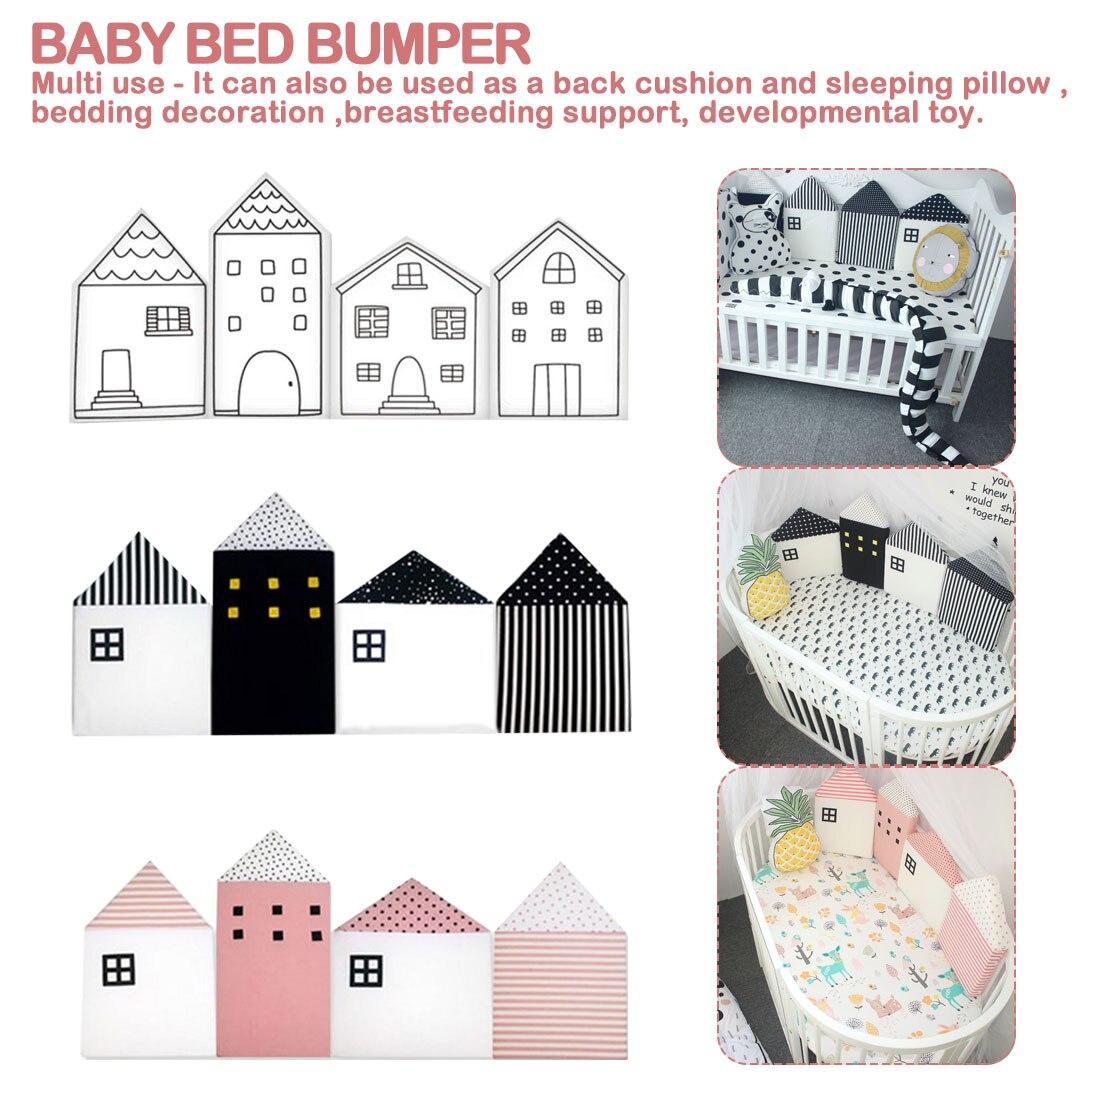 Tour de lit bébé pour nouveau-nés nordique INS petite maison coussin de lit protecteur bébé lit autour des oreillers bébé chambre décor pour fille Bo